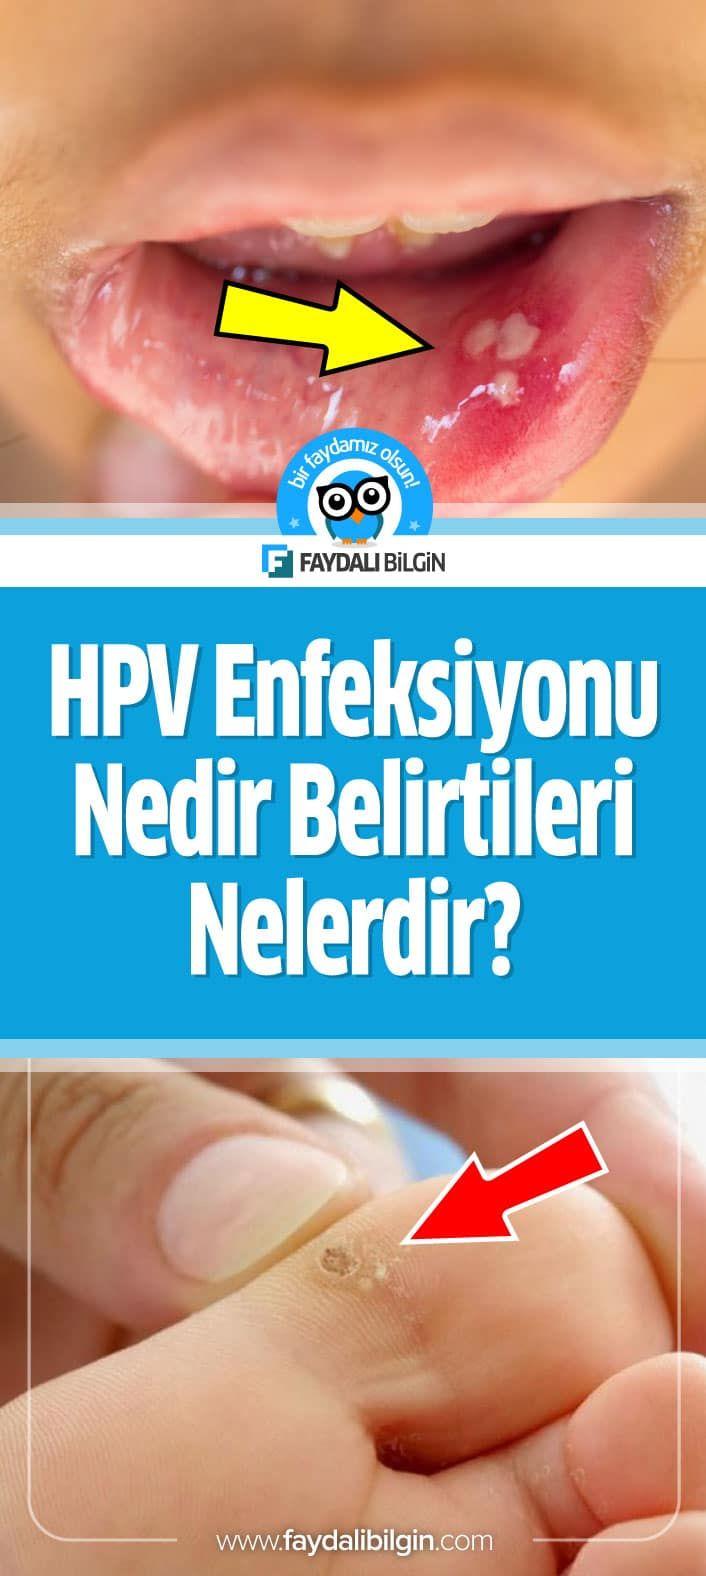 transitional cell papilloma nose hpv impfung schwangerschaft